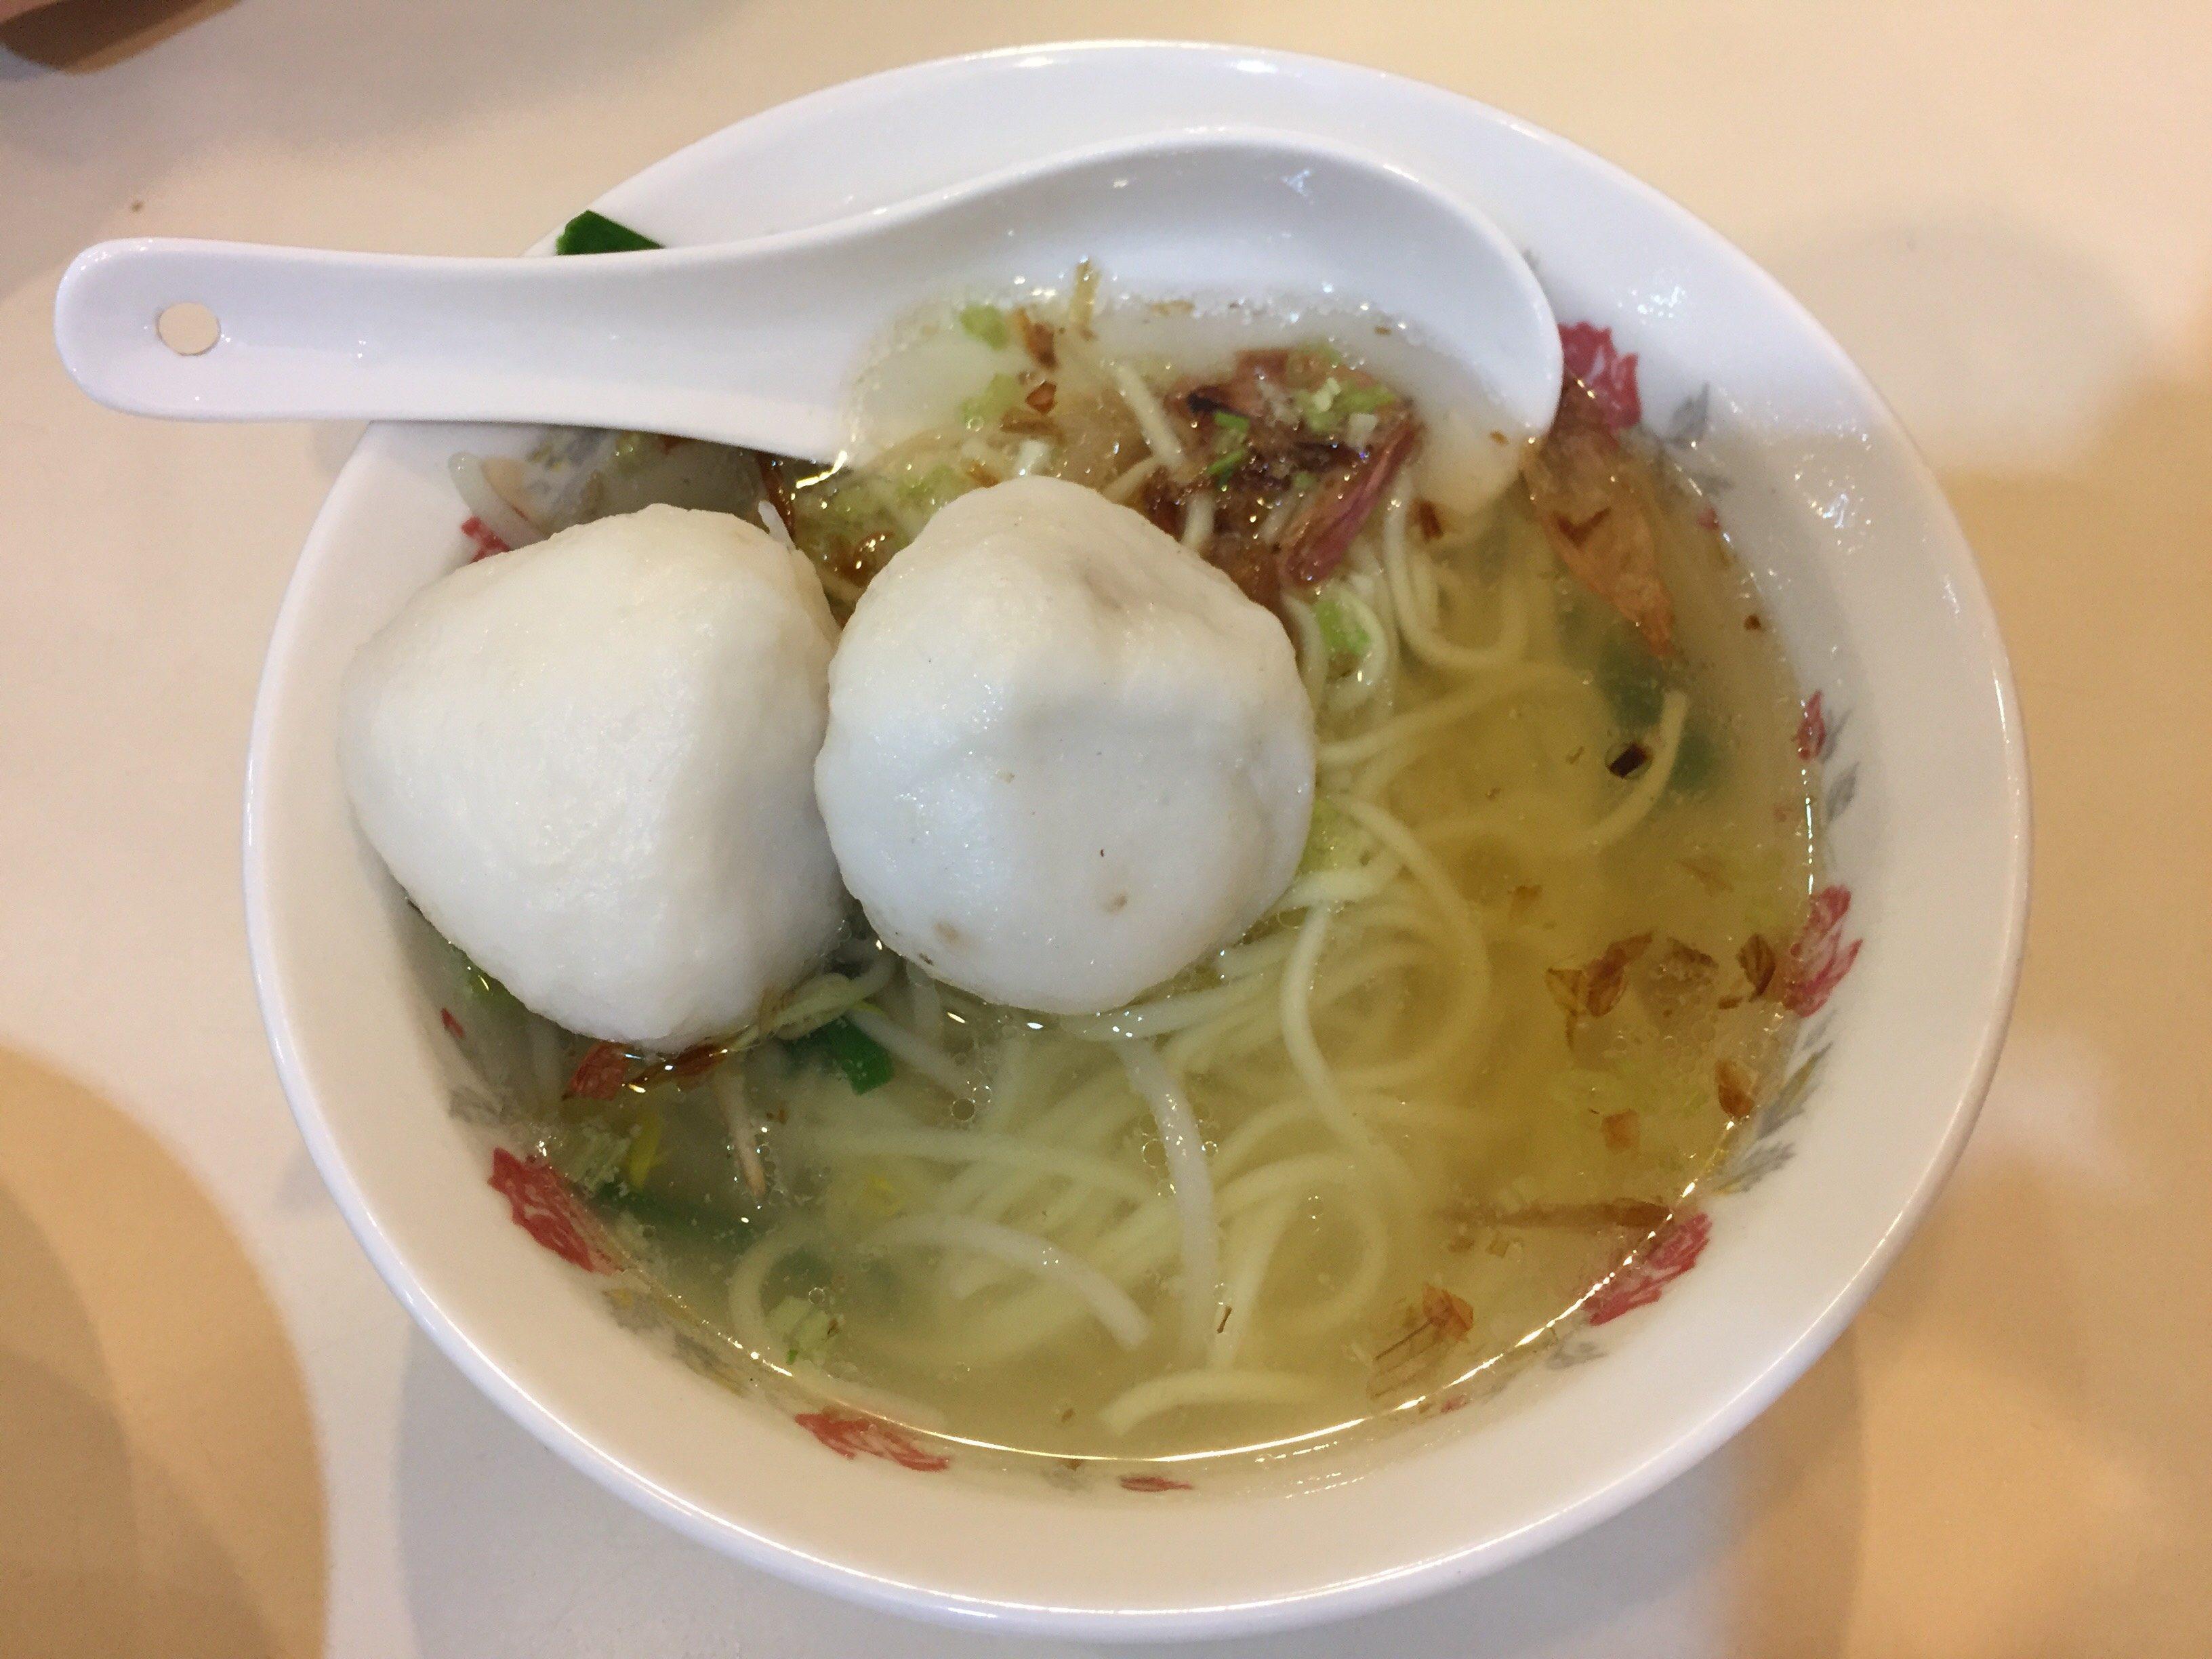 永富福州魚丸店 つみれスープ 麺